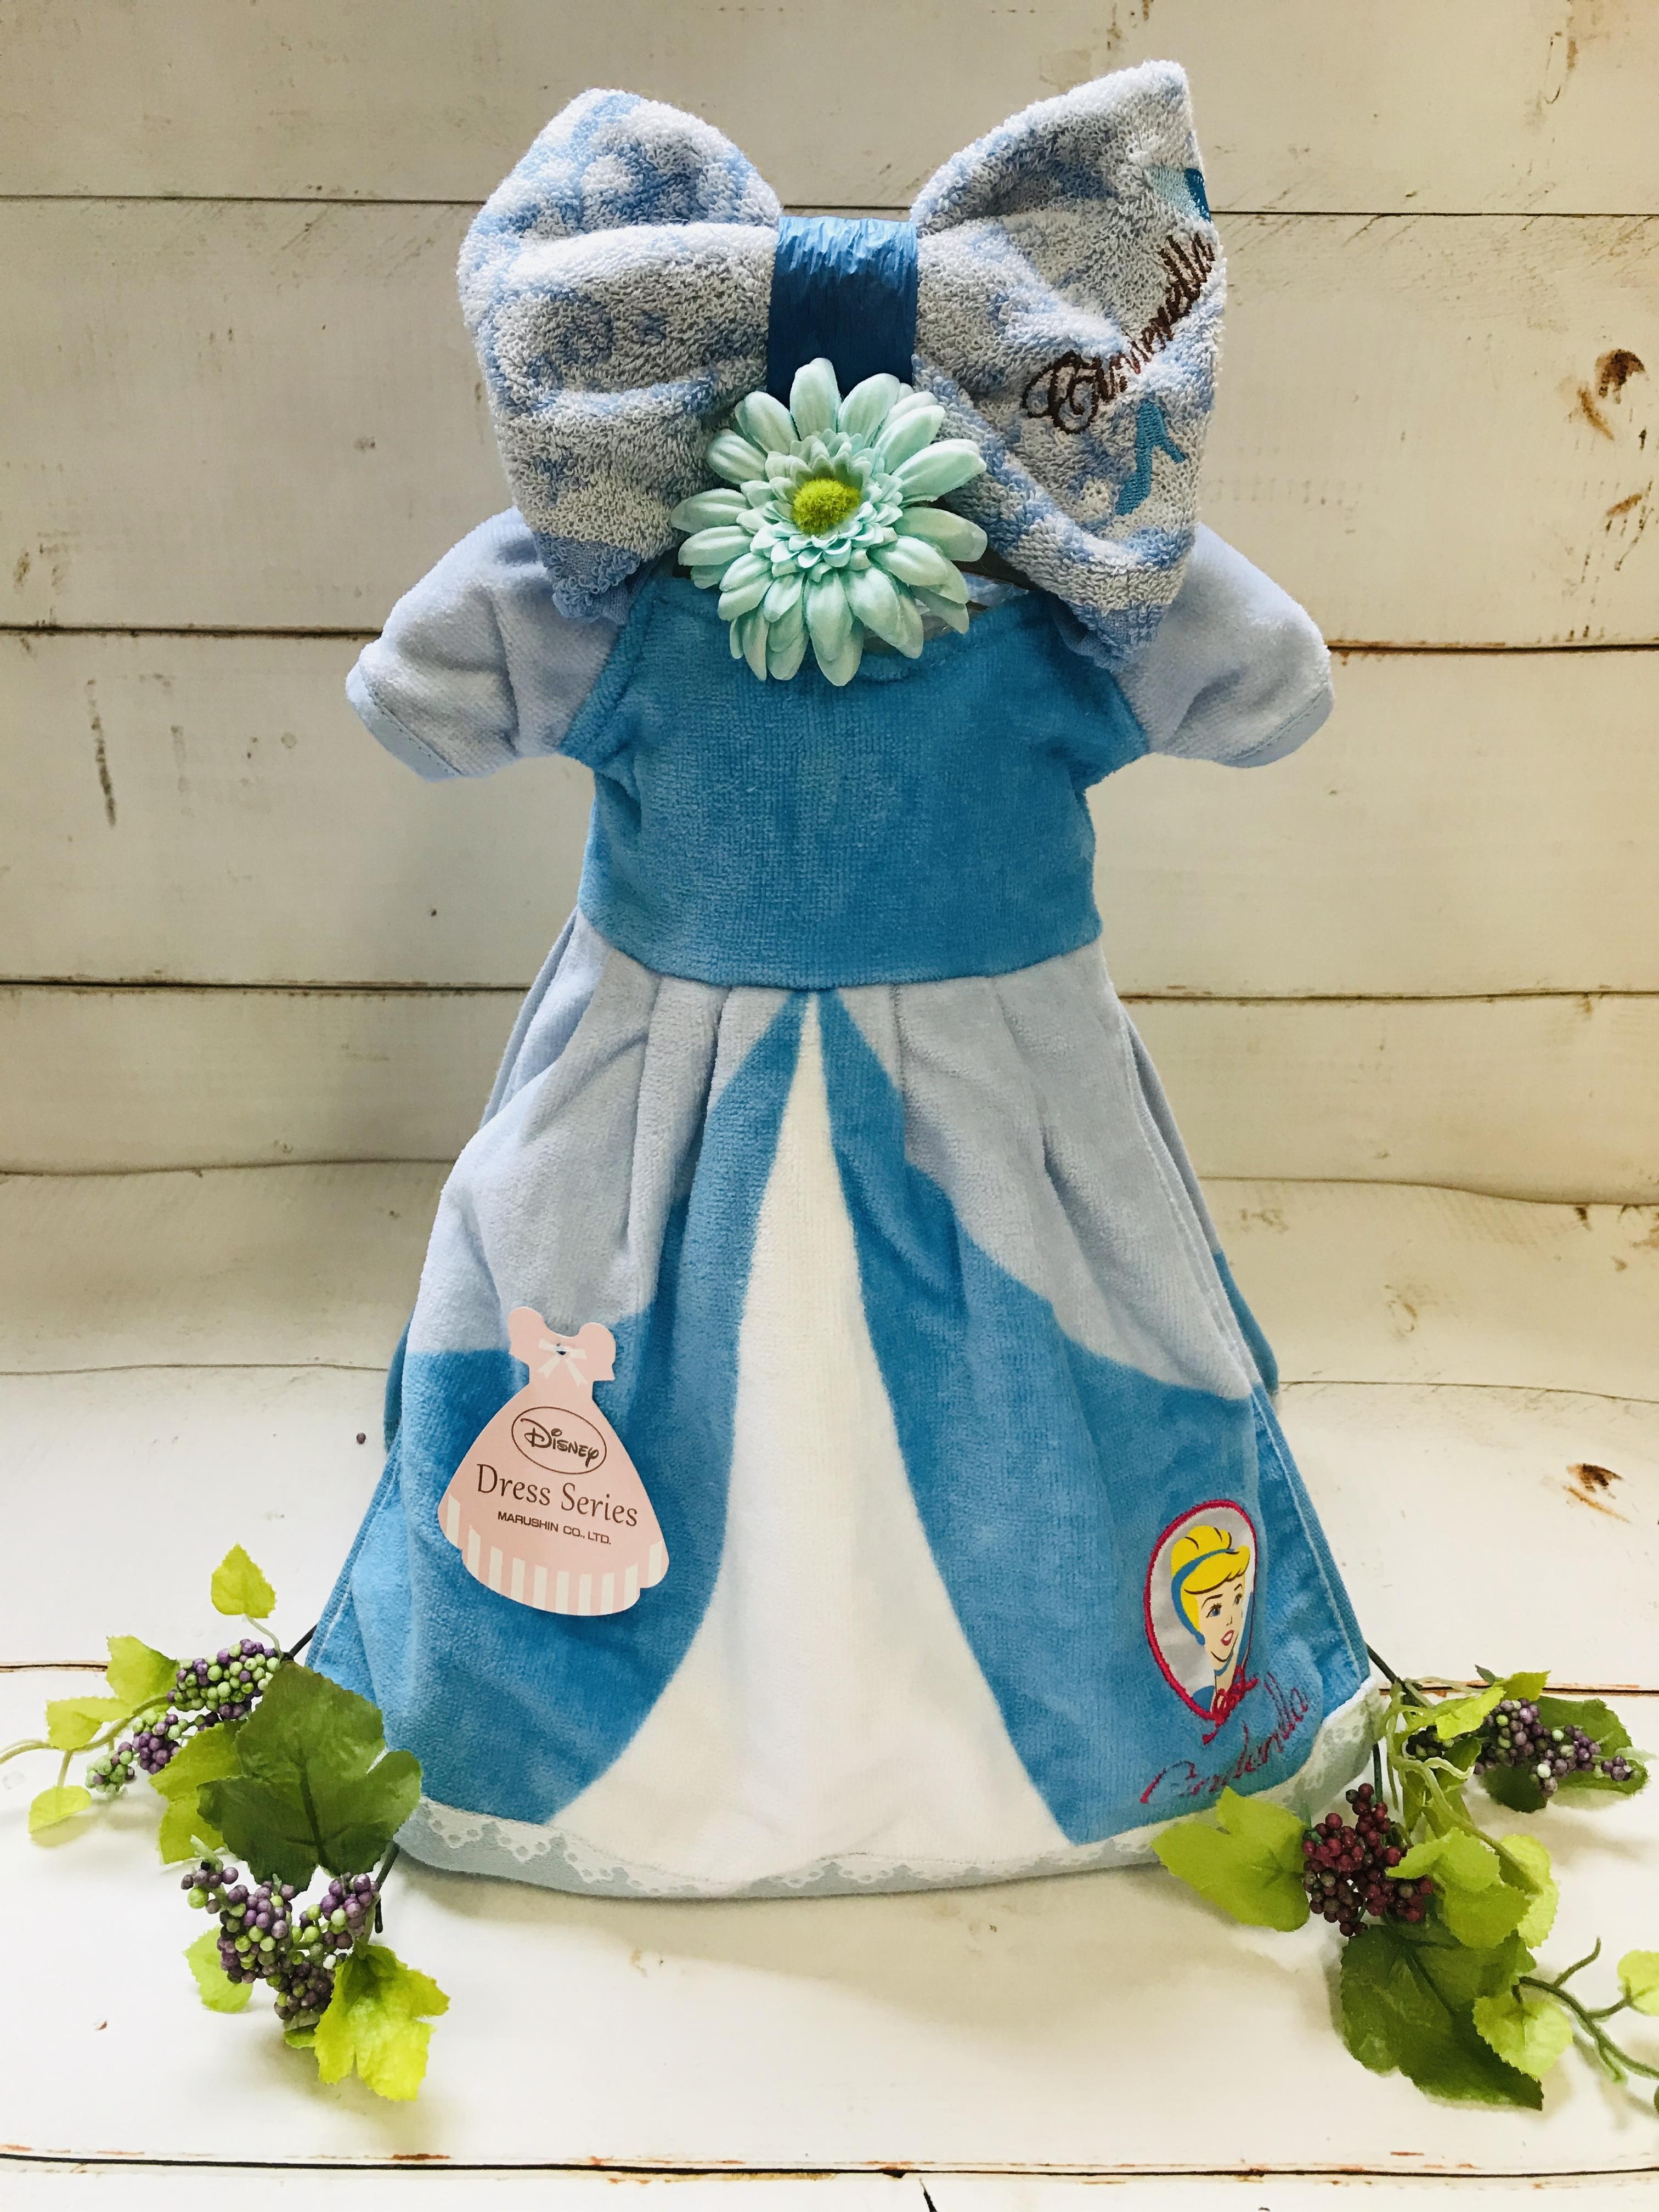 ディズニープリンセス おむつドレス(シンデレラ) おむつケーキ  出産祝い ギフト オシャレ 個性的  かわいい  キャラクター